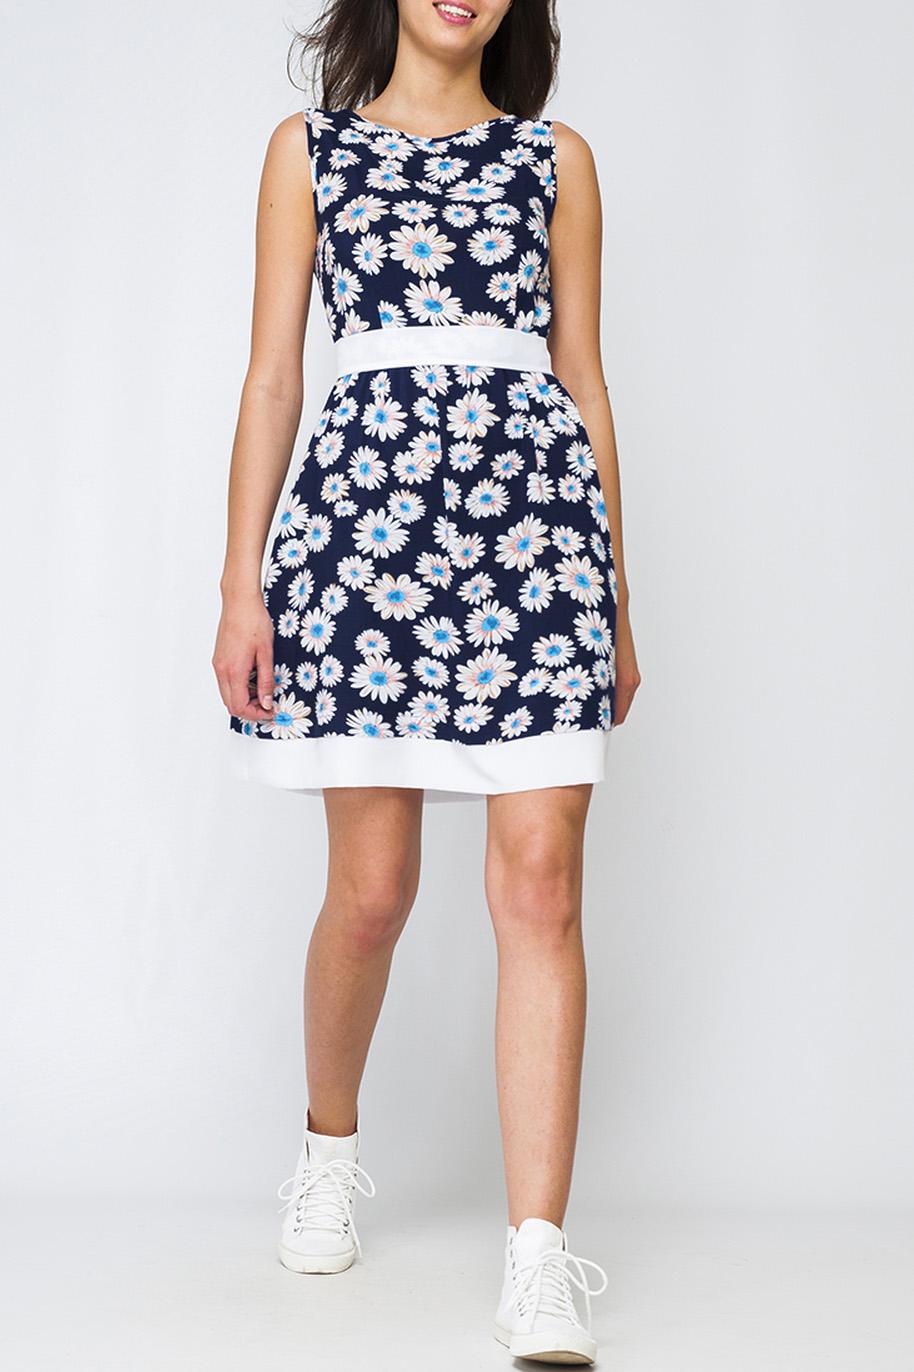 ПлатьеПлатья<br>Стильное женское платье из хлопка, по низу изделие украшено широкой белой лентой, на талии сделан роскошный бант, который завязывается на спинке. Контраст принта и основного фона платья, делает его более интересным и привлечет к вам внимание.  Параметры изделия:  44 размера: обхват груди - 96 см. обхват по линии бедер - 119 см. длина по спинке - 93 см.  48 размер: обхват груди - 104 см. обхват по линии бедер - 127 см. длина по спинке - 95 см.  Цвет: синий, белый, голубой  Рост девушки-фотомодели 170 см<br><br>Горловина: С- горловина<br>По длине: До колена<br>По материалу: Хлопок<br>По образу: Город,Свидание<br>По рисунку: Растительные мотивы,С принтом,Цветные,Цветочные<br>По силуэту: Приталенные<br>По стилю: Повседневный стиль<br>По форме: Платье - трапеция<br>Рукав: Без рукавов<br>По сезону: Лето<br>Размер : 40,42,44,46,48<br>Материал: Хлопок<br>Количество в наличии: 3